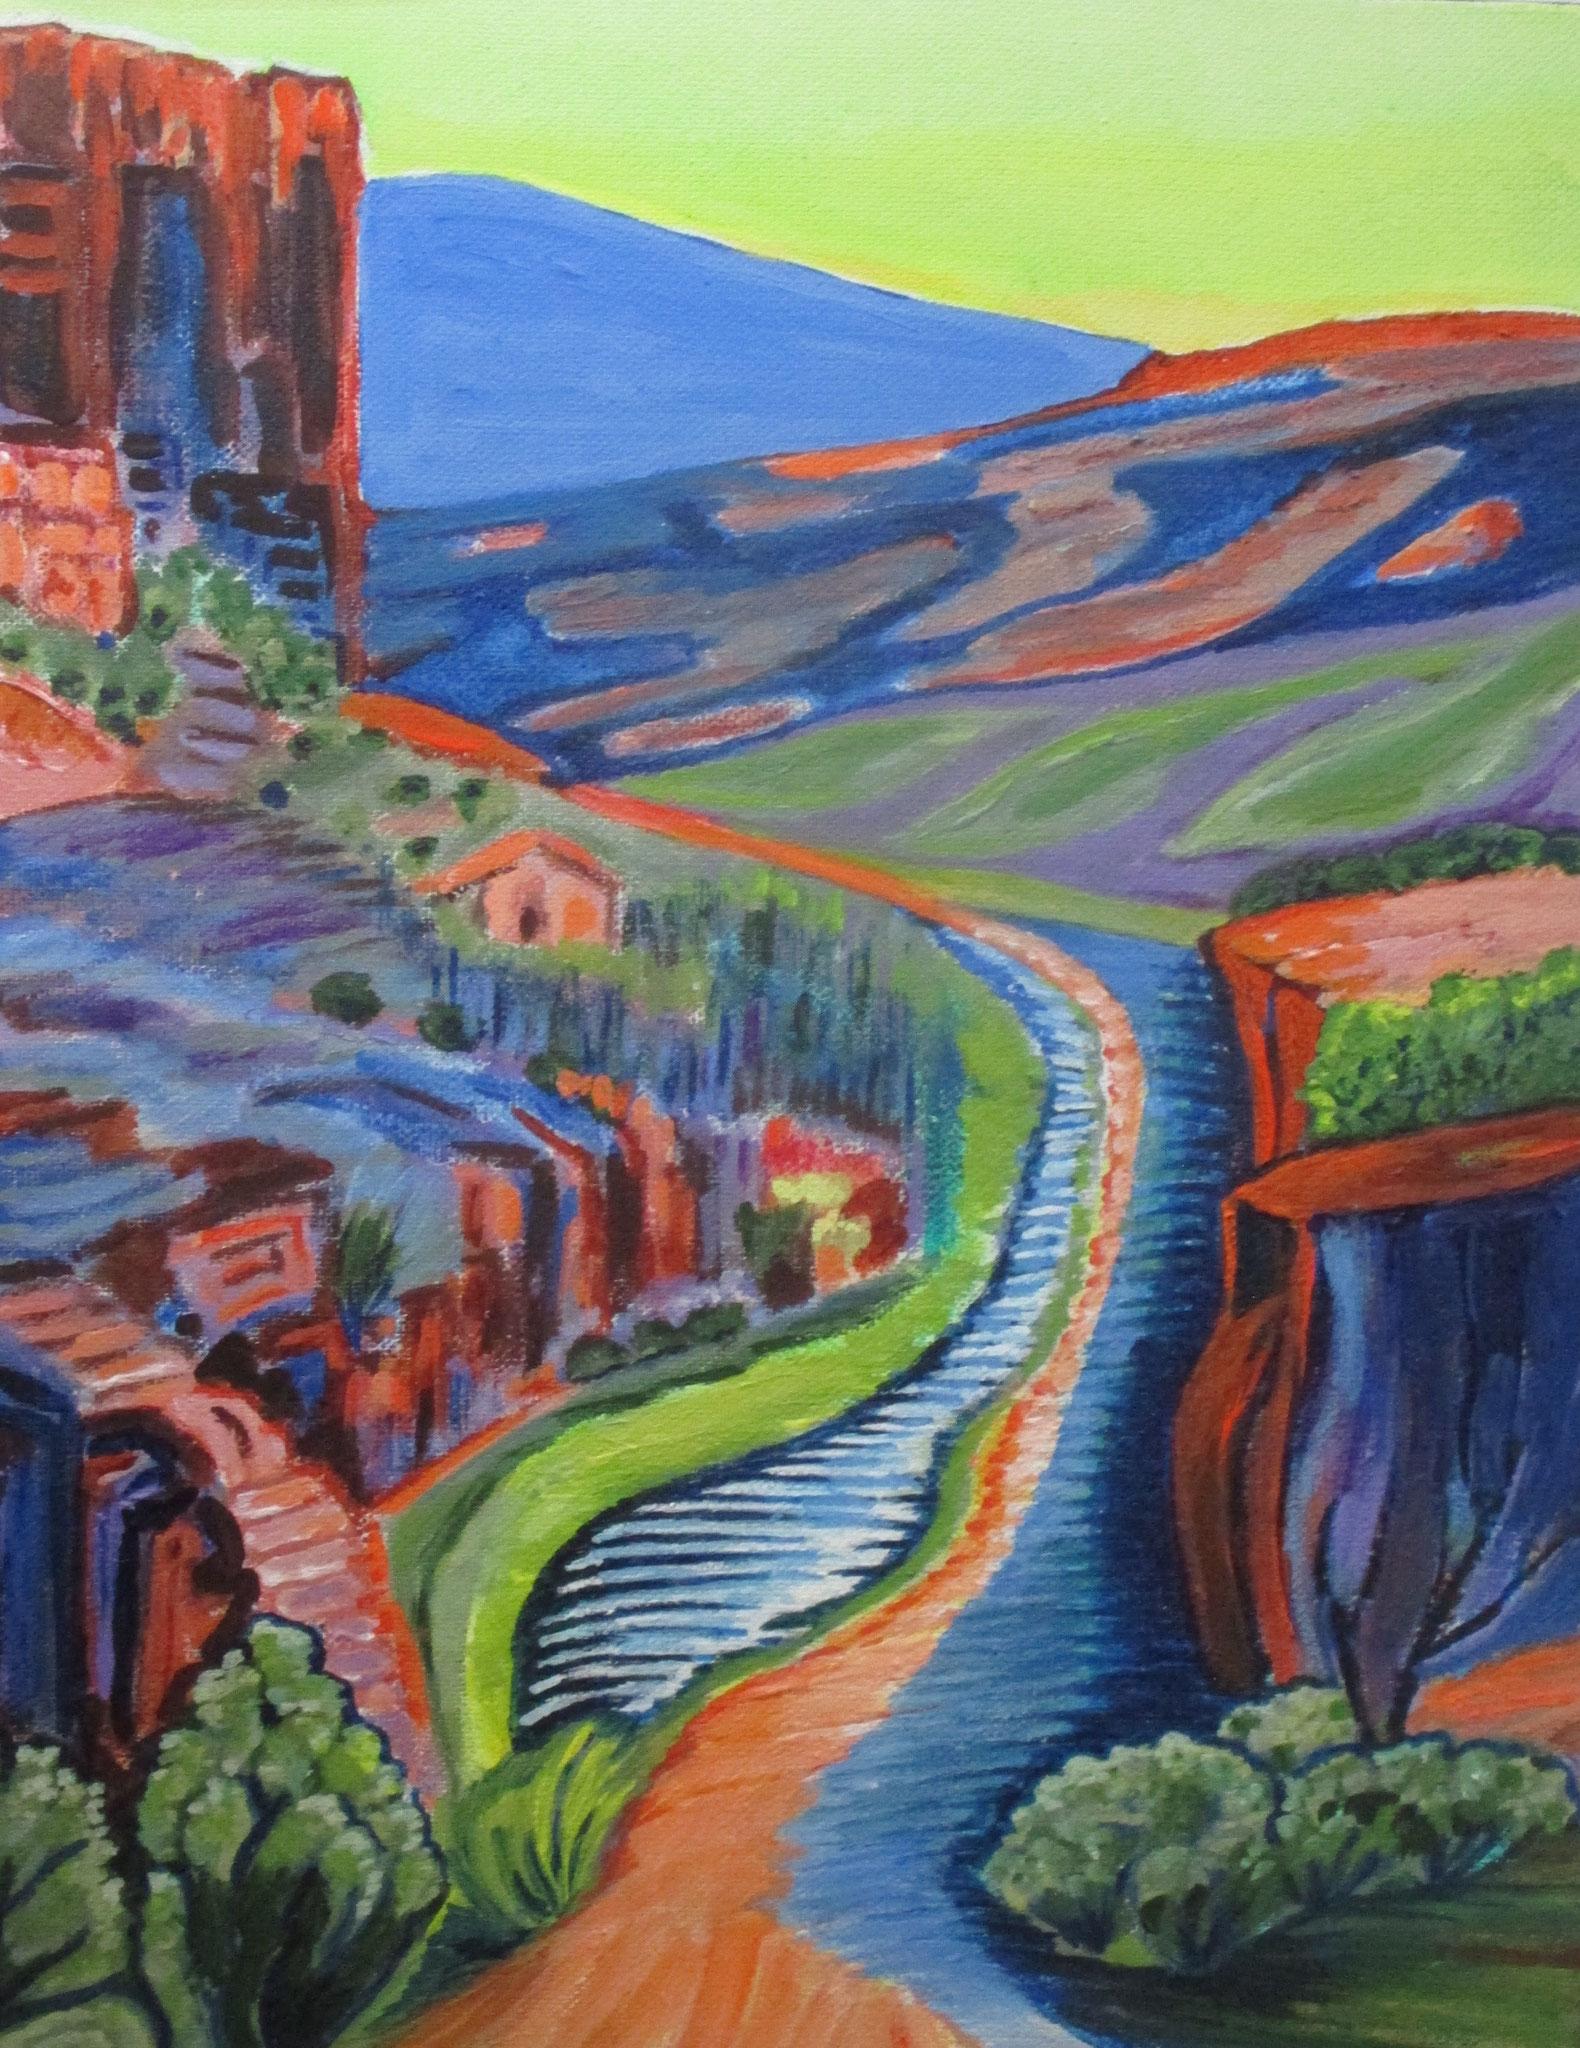 Along the Rio Grande, acrylic on canvas, 11 x 14